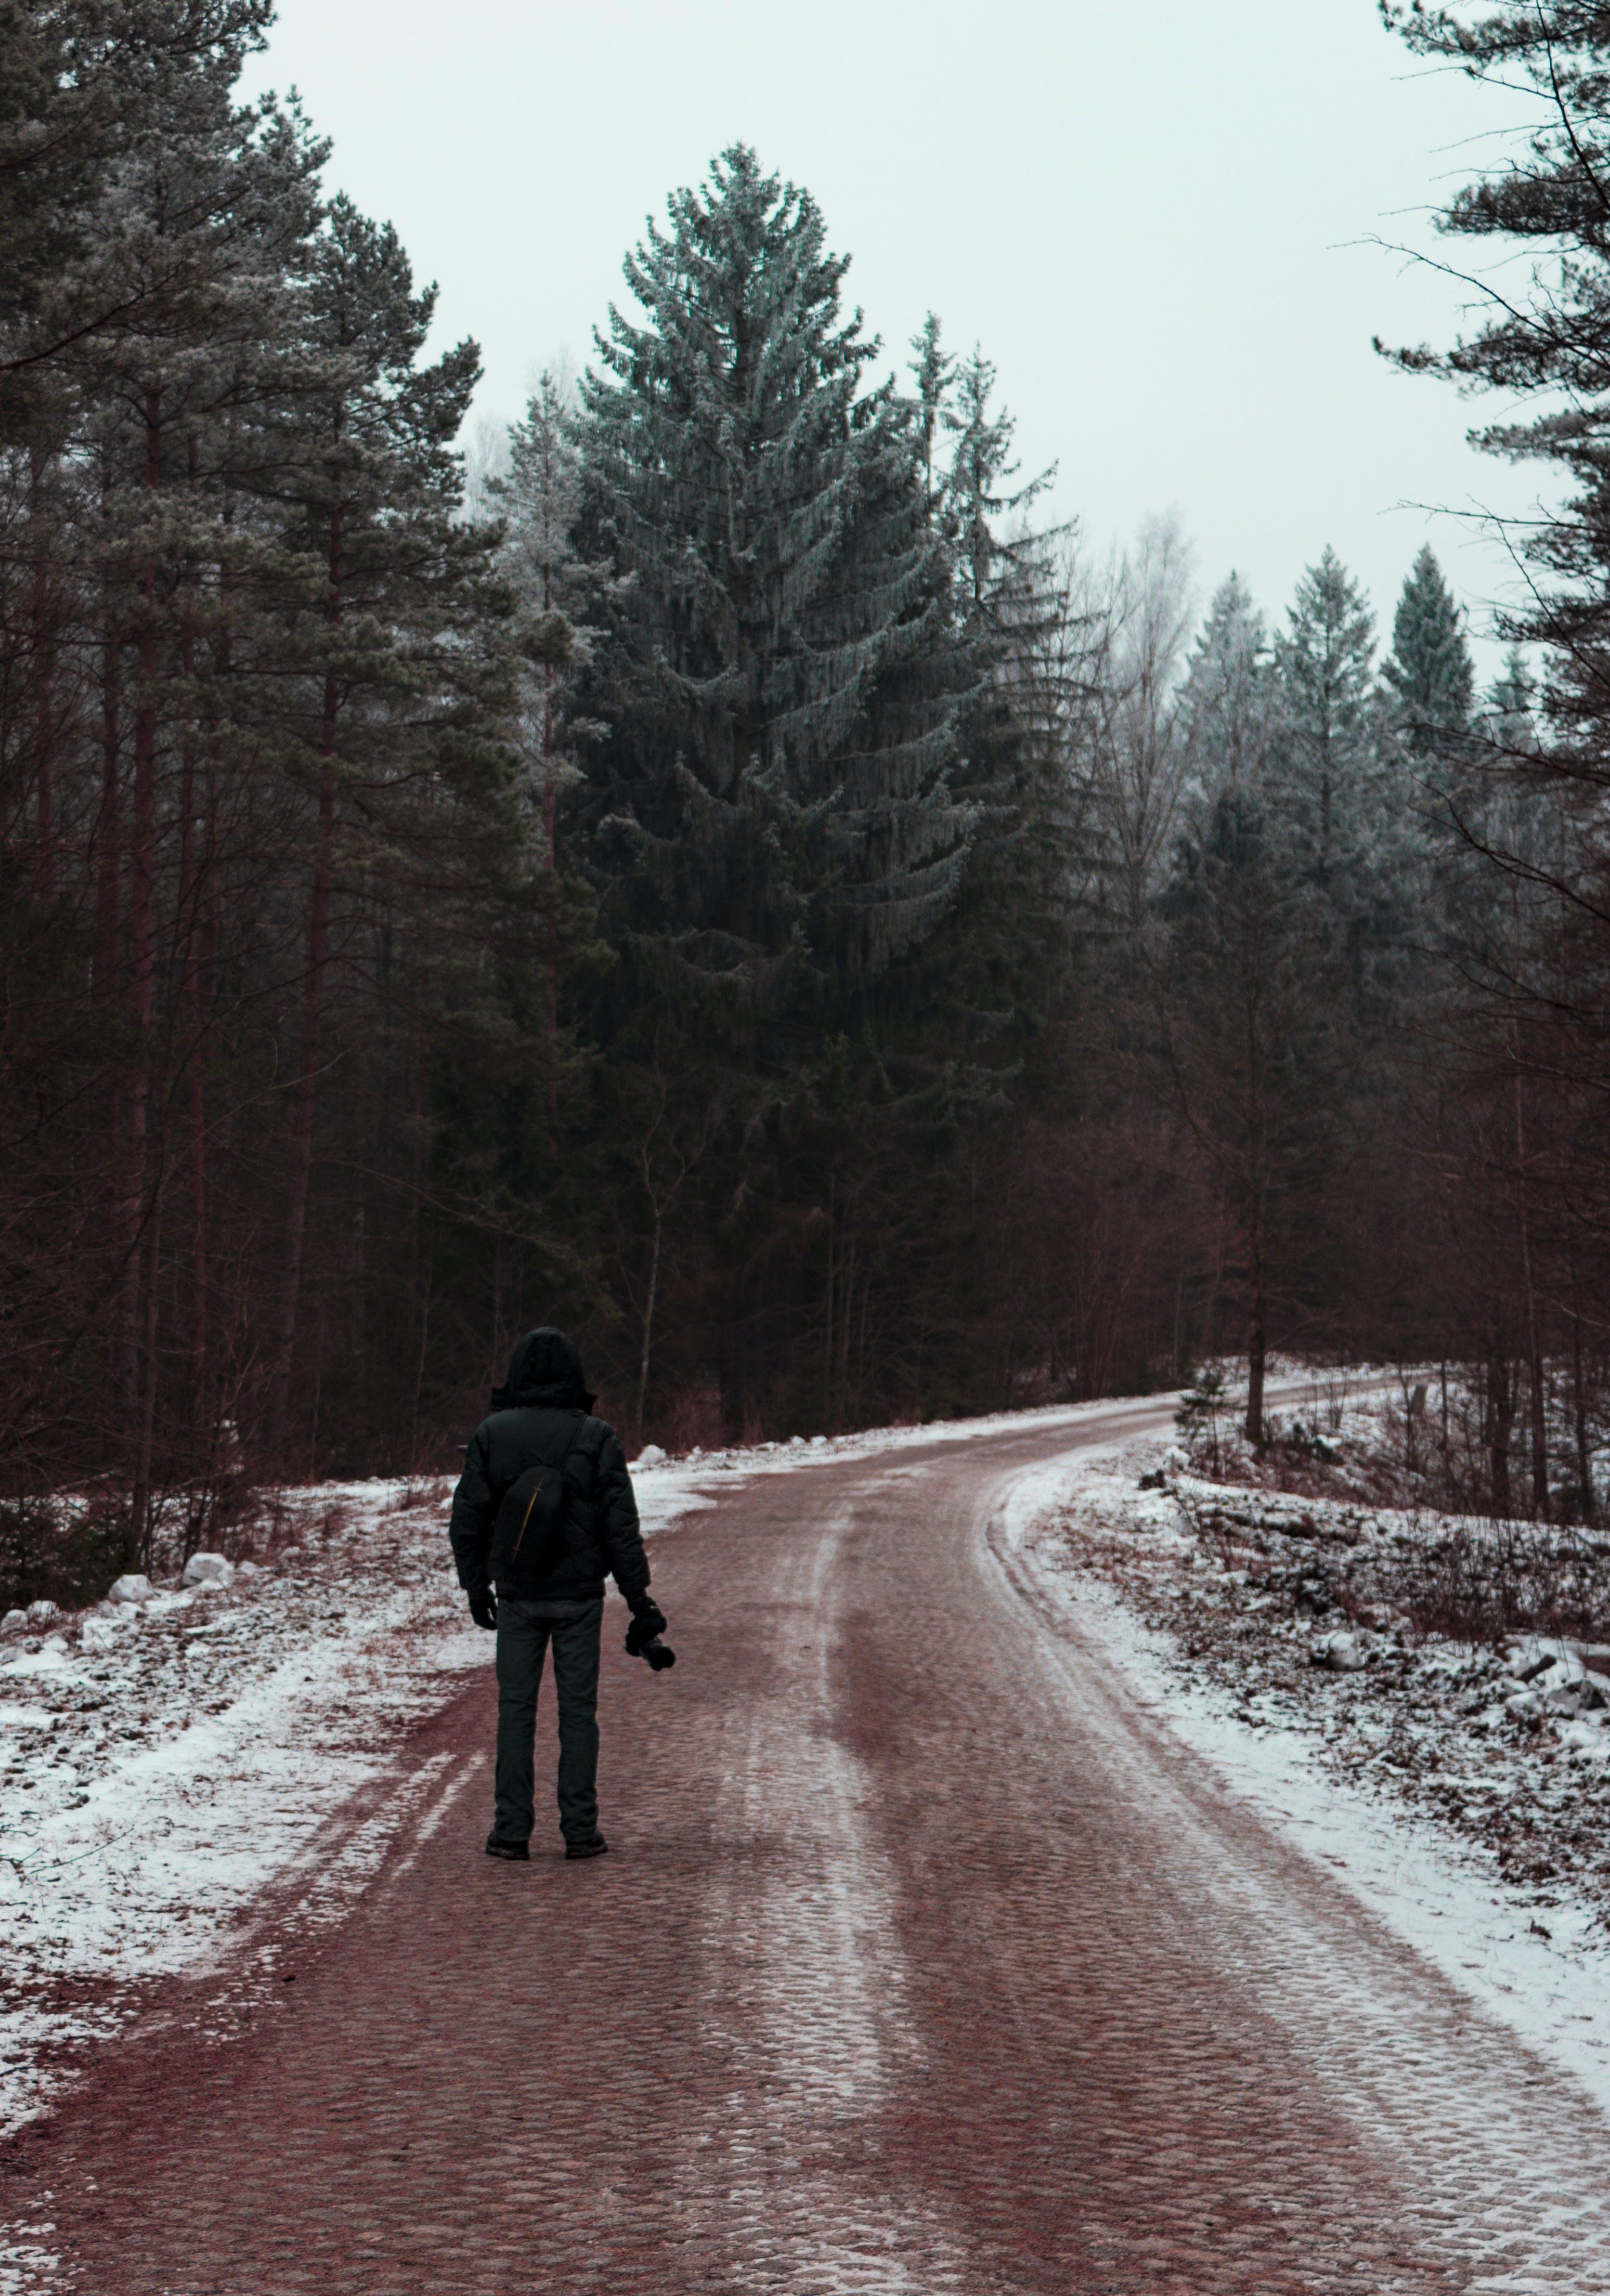 Fotos de stock gratuitas de arboles, carretera, congelado, escarcha